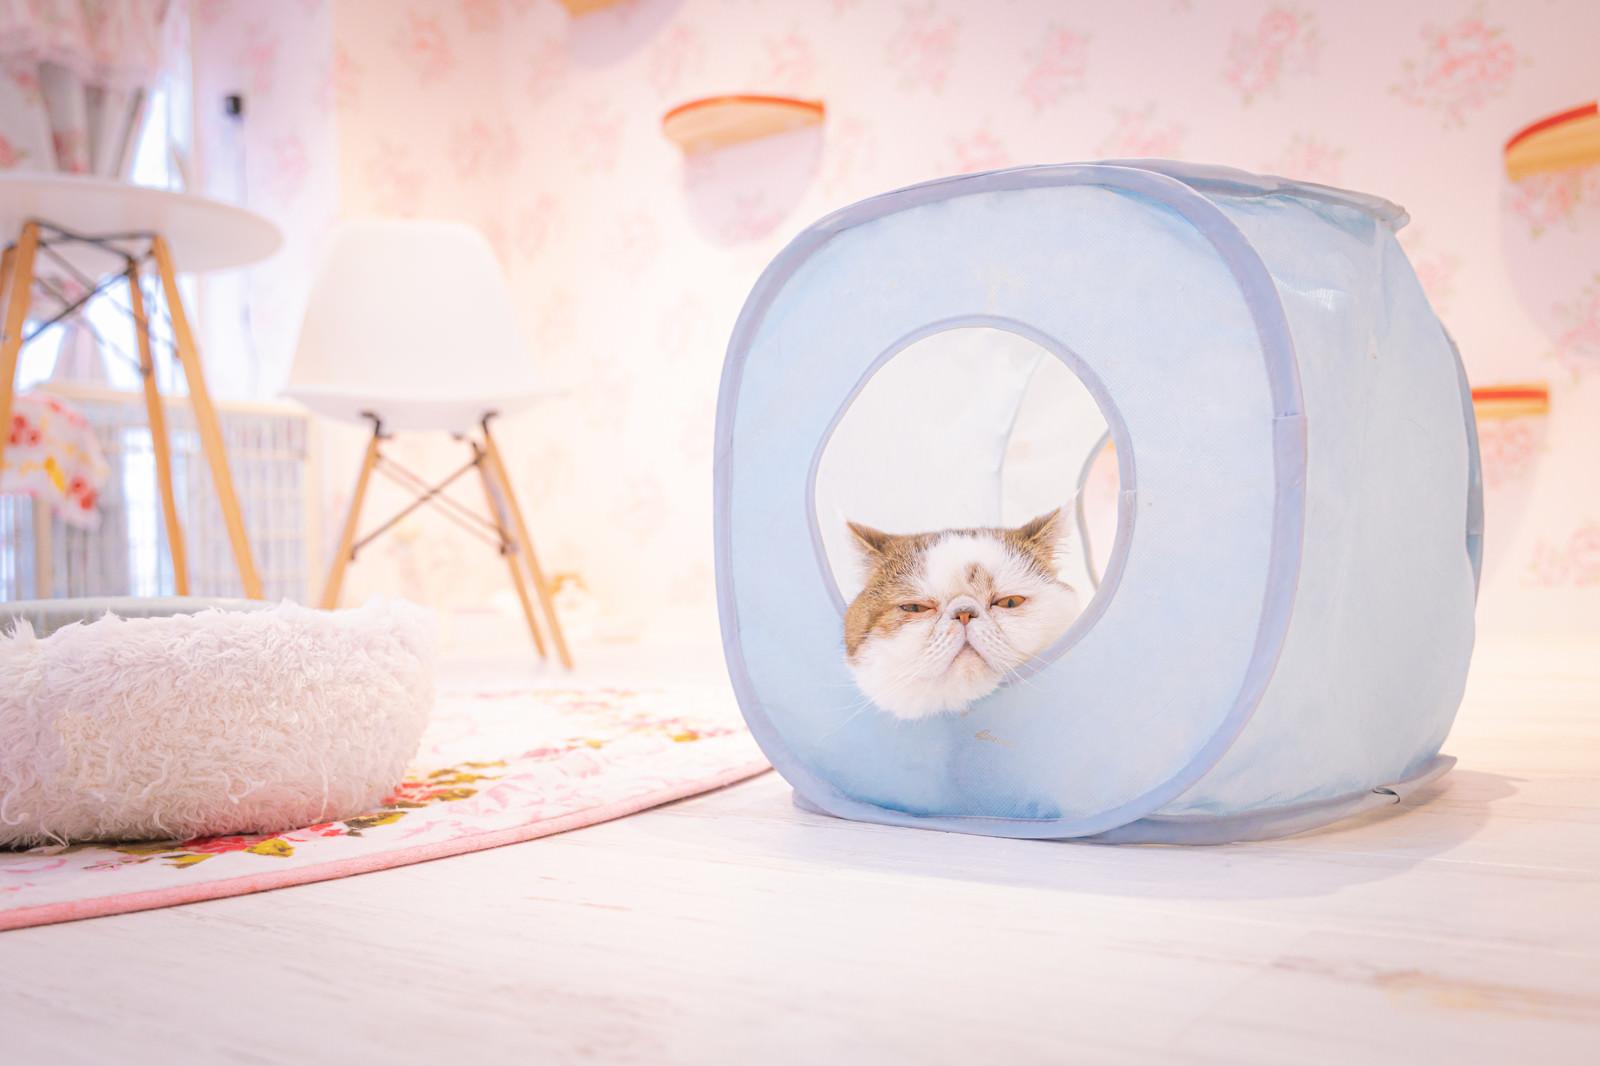 「出番になったら呼んでねと言わんばかりの大御所猫」の写真